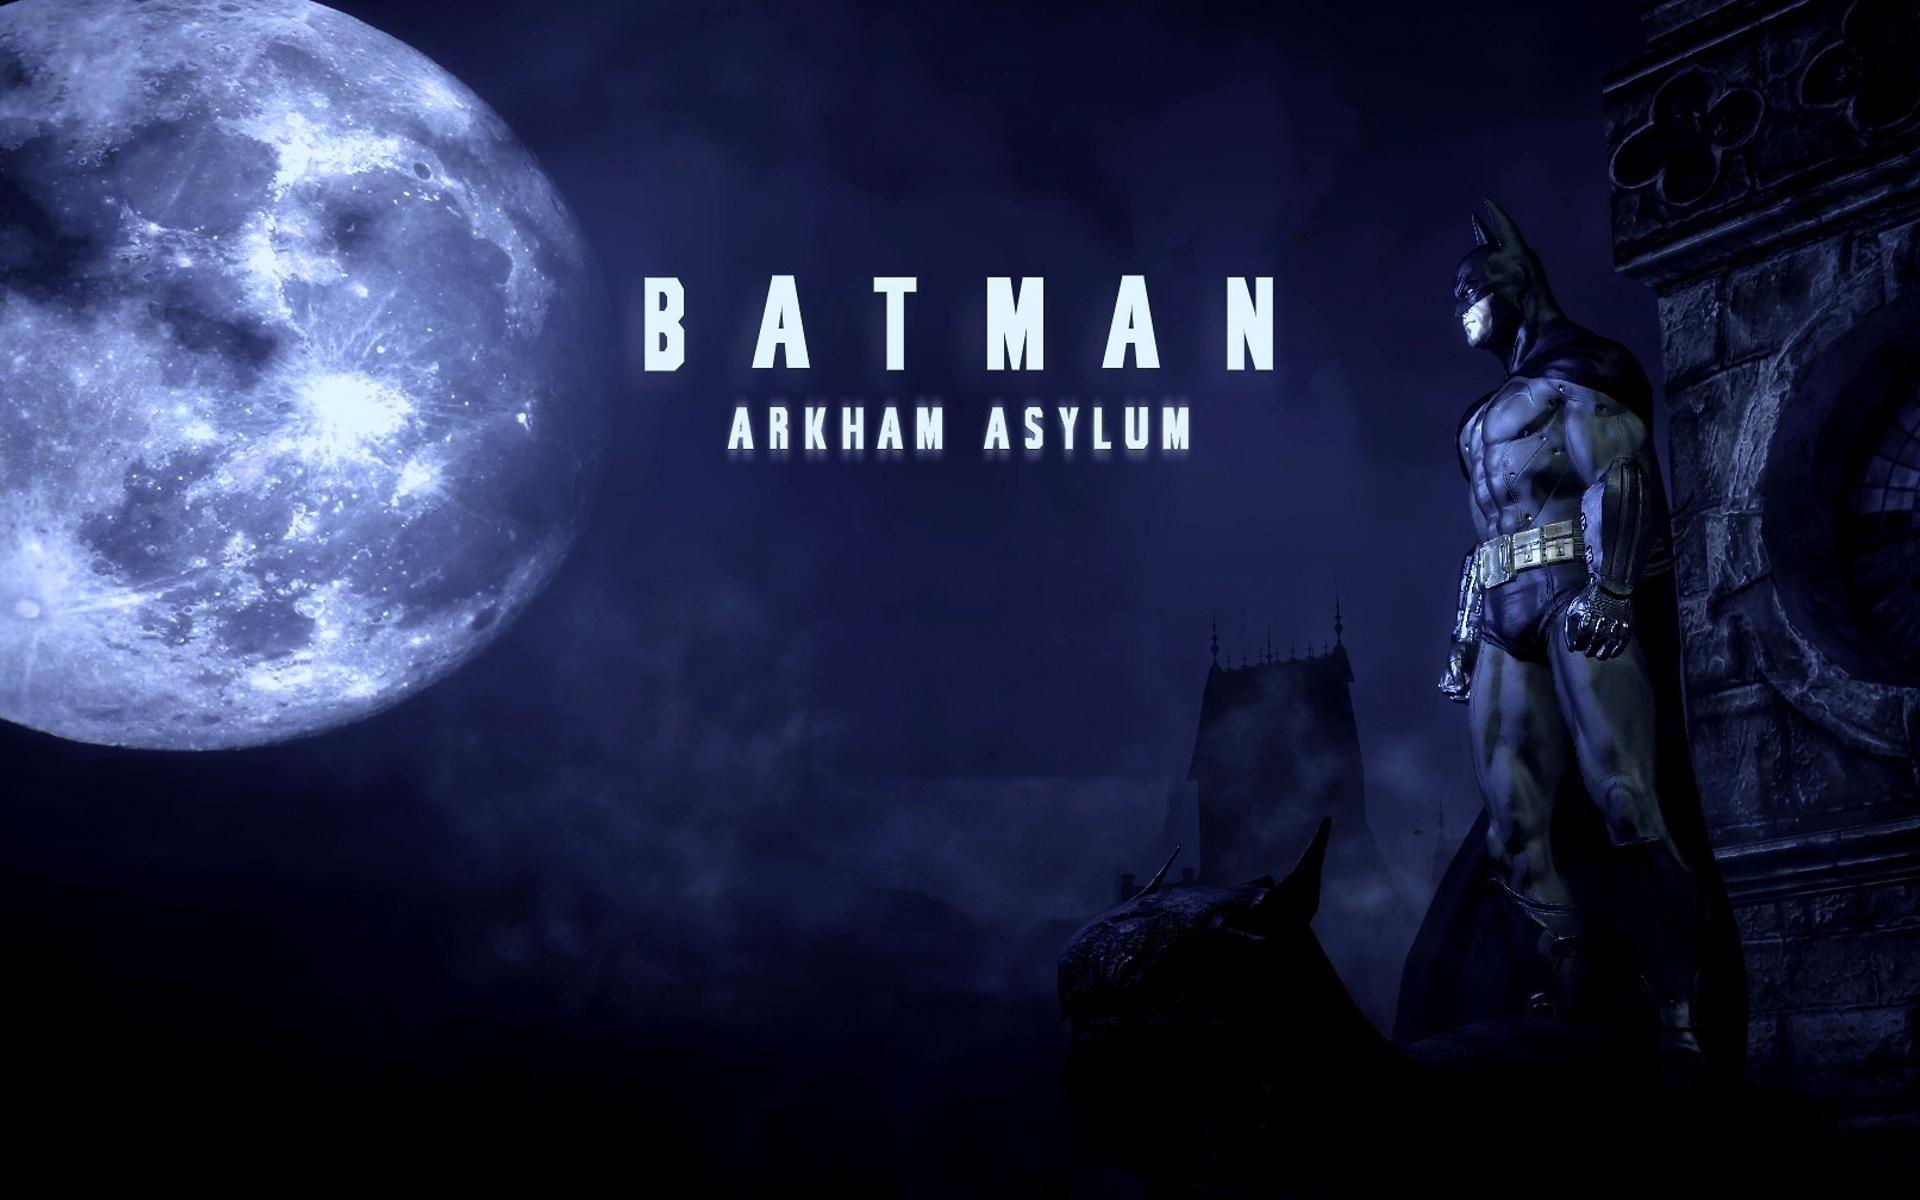 batman arkham asylum wallpaper 5 | wallpapersbq